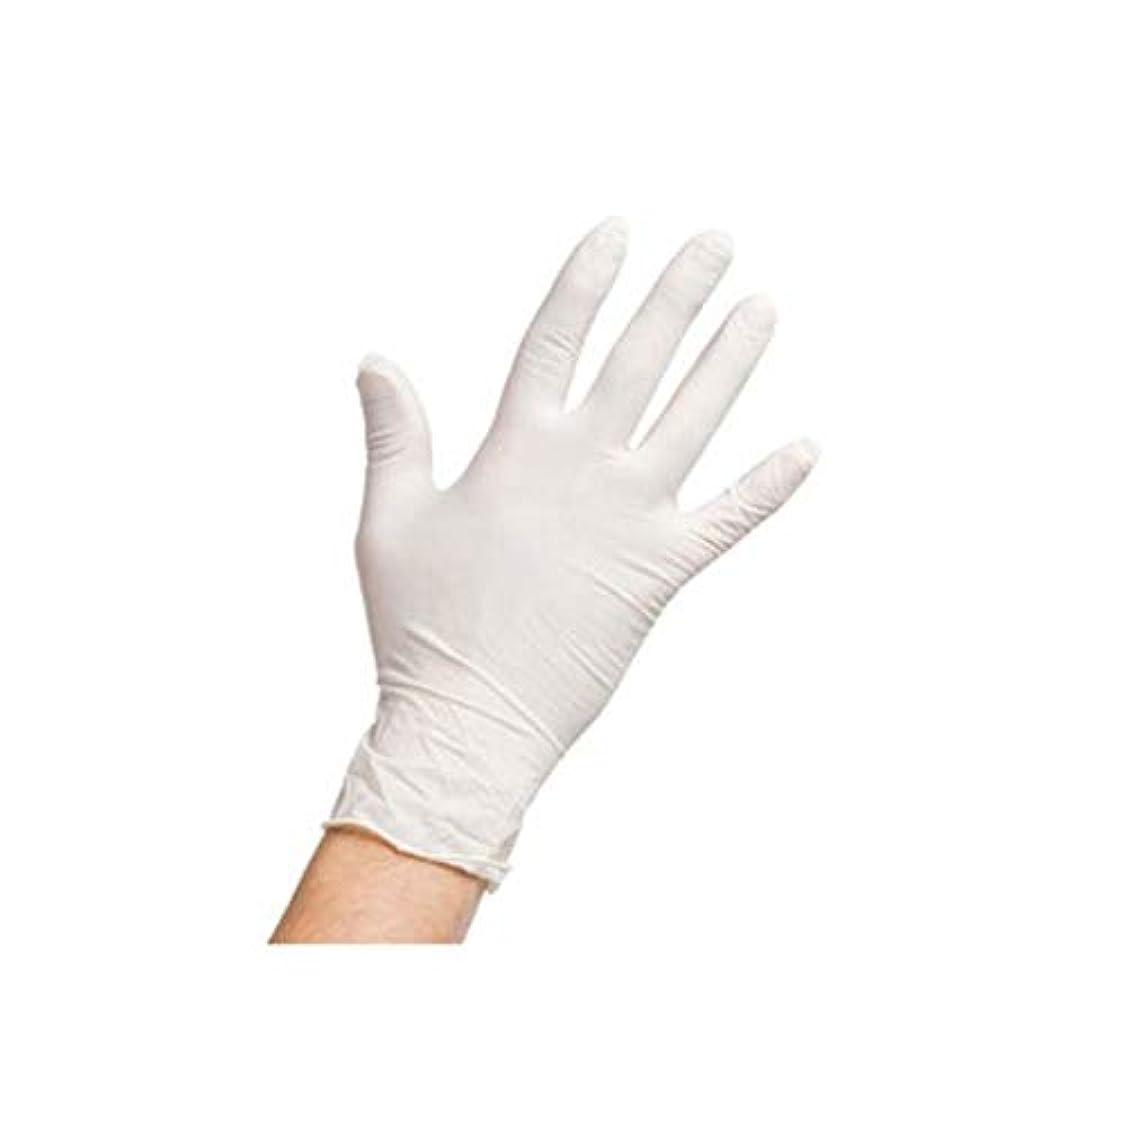 遮るお肉完全に乾く(A1ラテックス) 最高品質のLatex手袋 ニトリル手袋 パウダーフリー 無粉末 200枚(6g Latex、4g Nitrile)【海外配送商品】【並行輸入品】 (S)